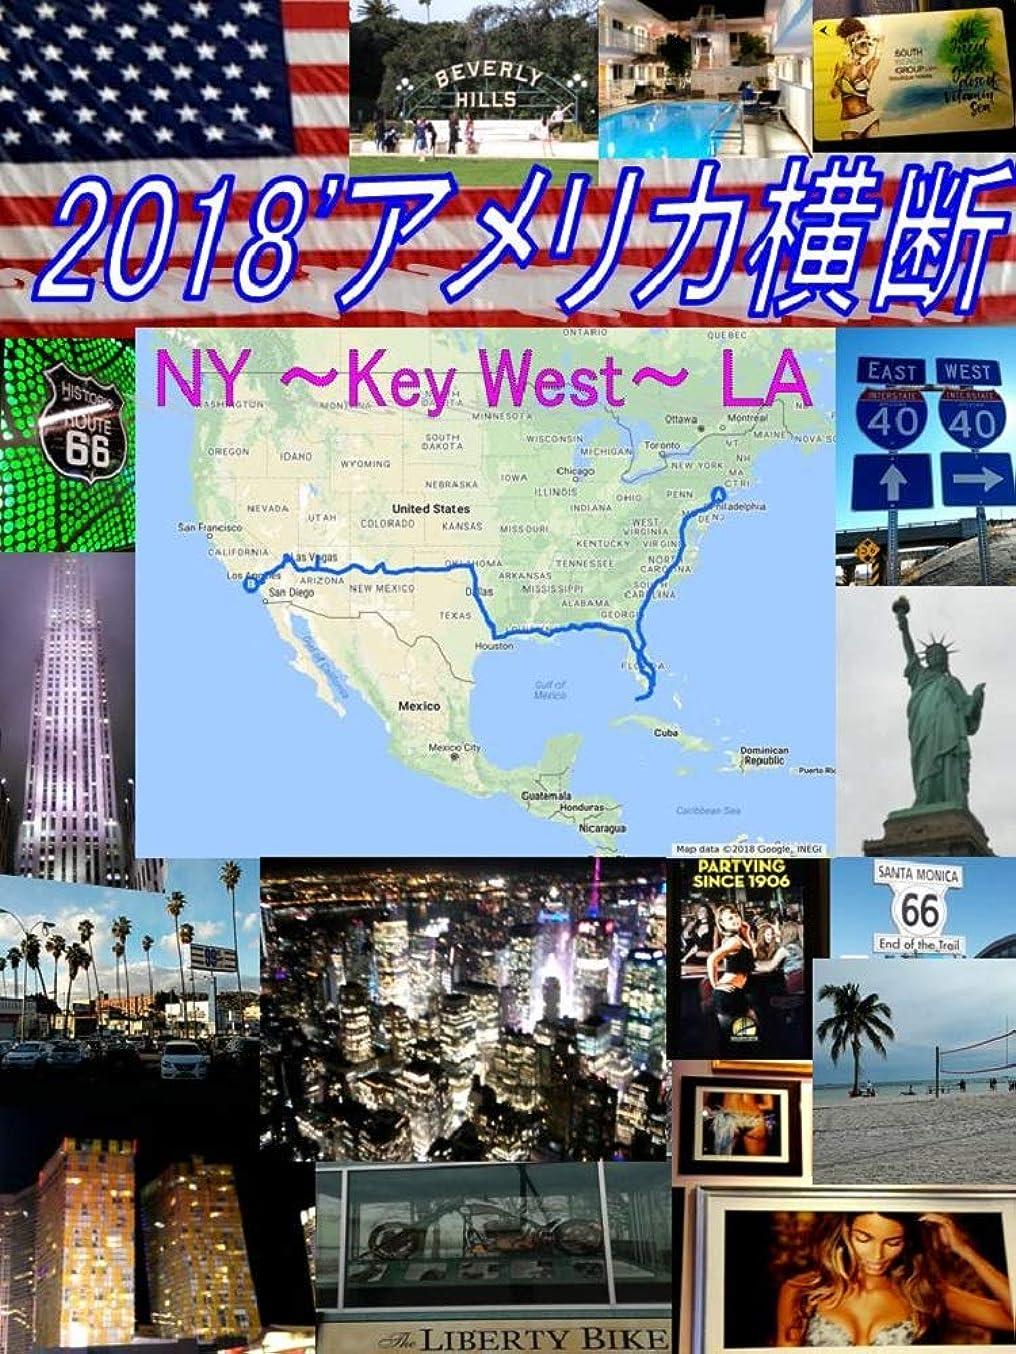 素晴らしき苦痛ドループ2018'アメリカ横断: NY~Key West~LA